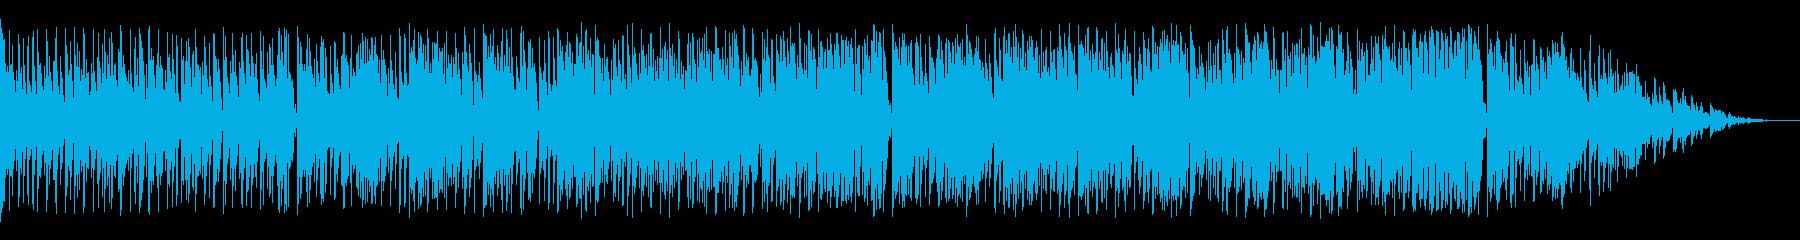 はつらつとした明るいラテン楽器の再生済みの波形